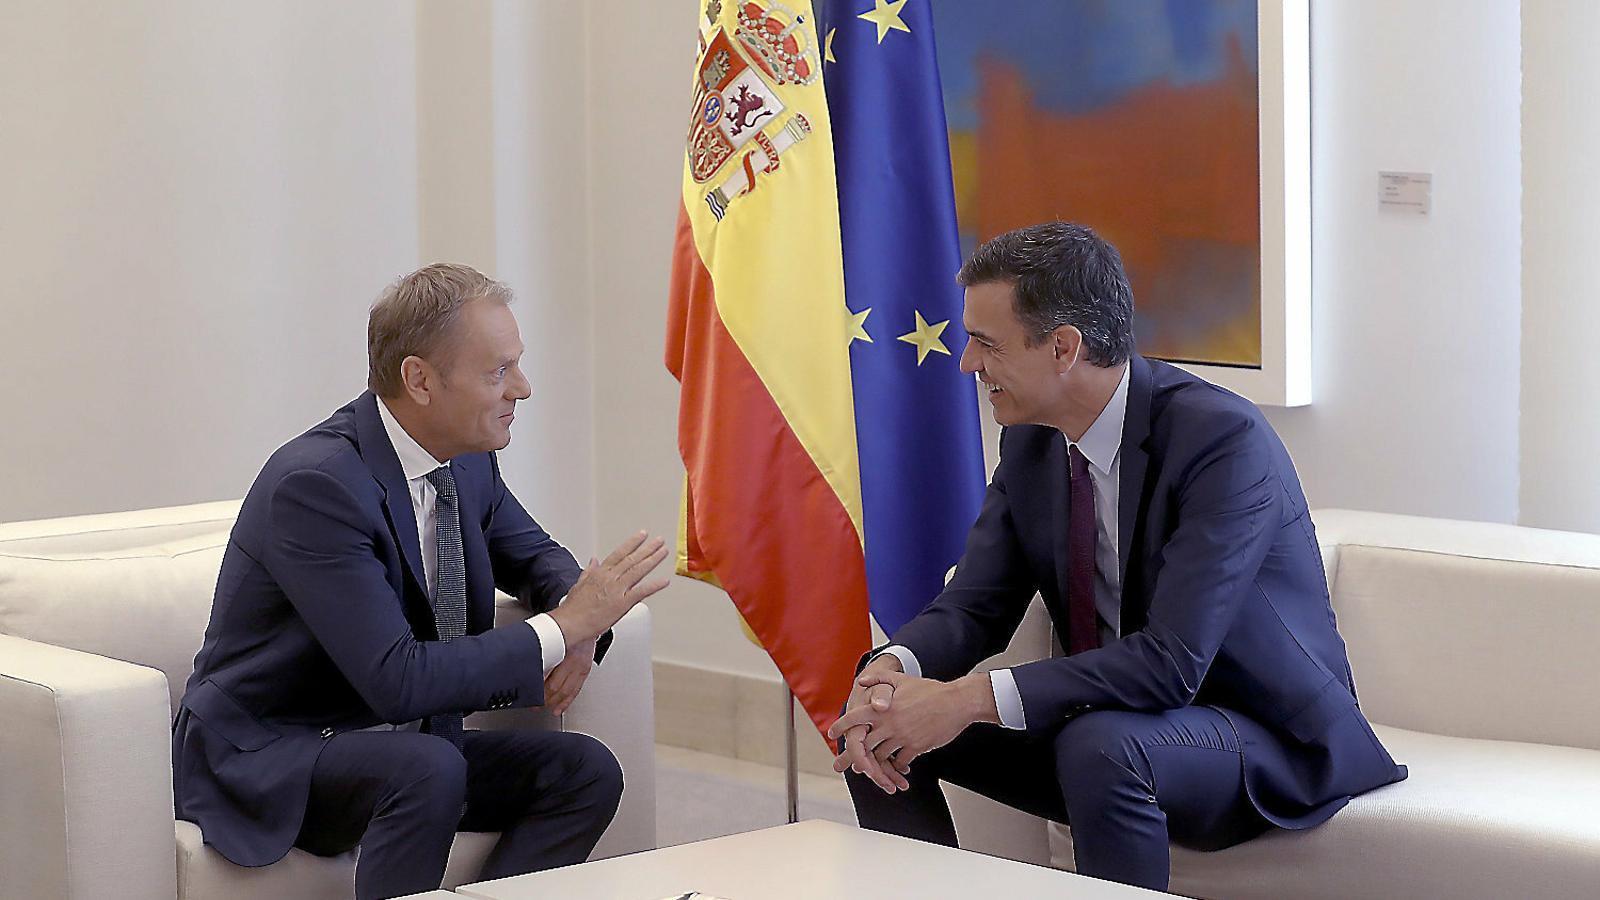 Pedro Sánchez es va reunir ahir a la Moncloa amb el president del Consell Europeu, Donald Tusk.